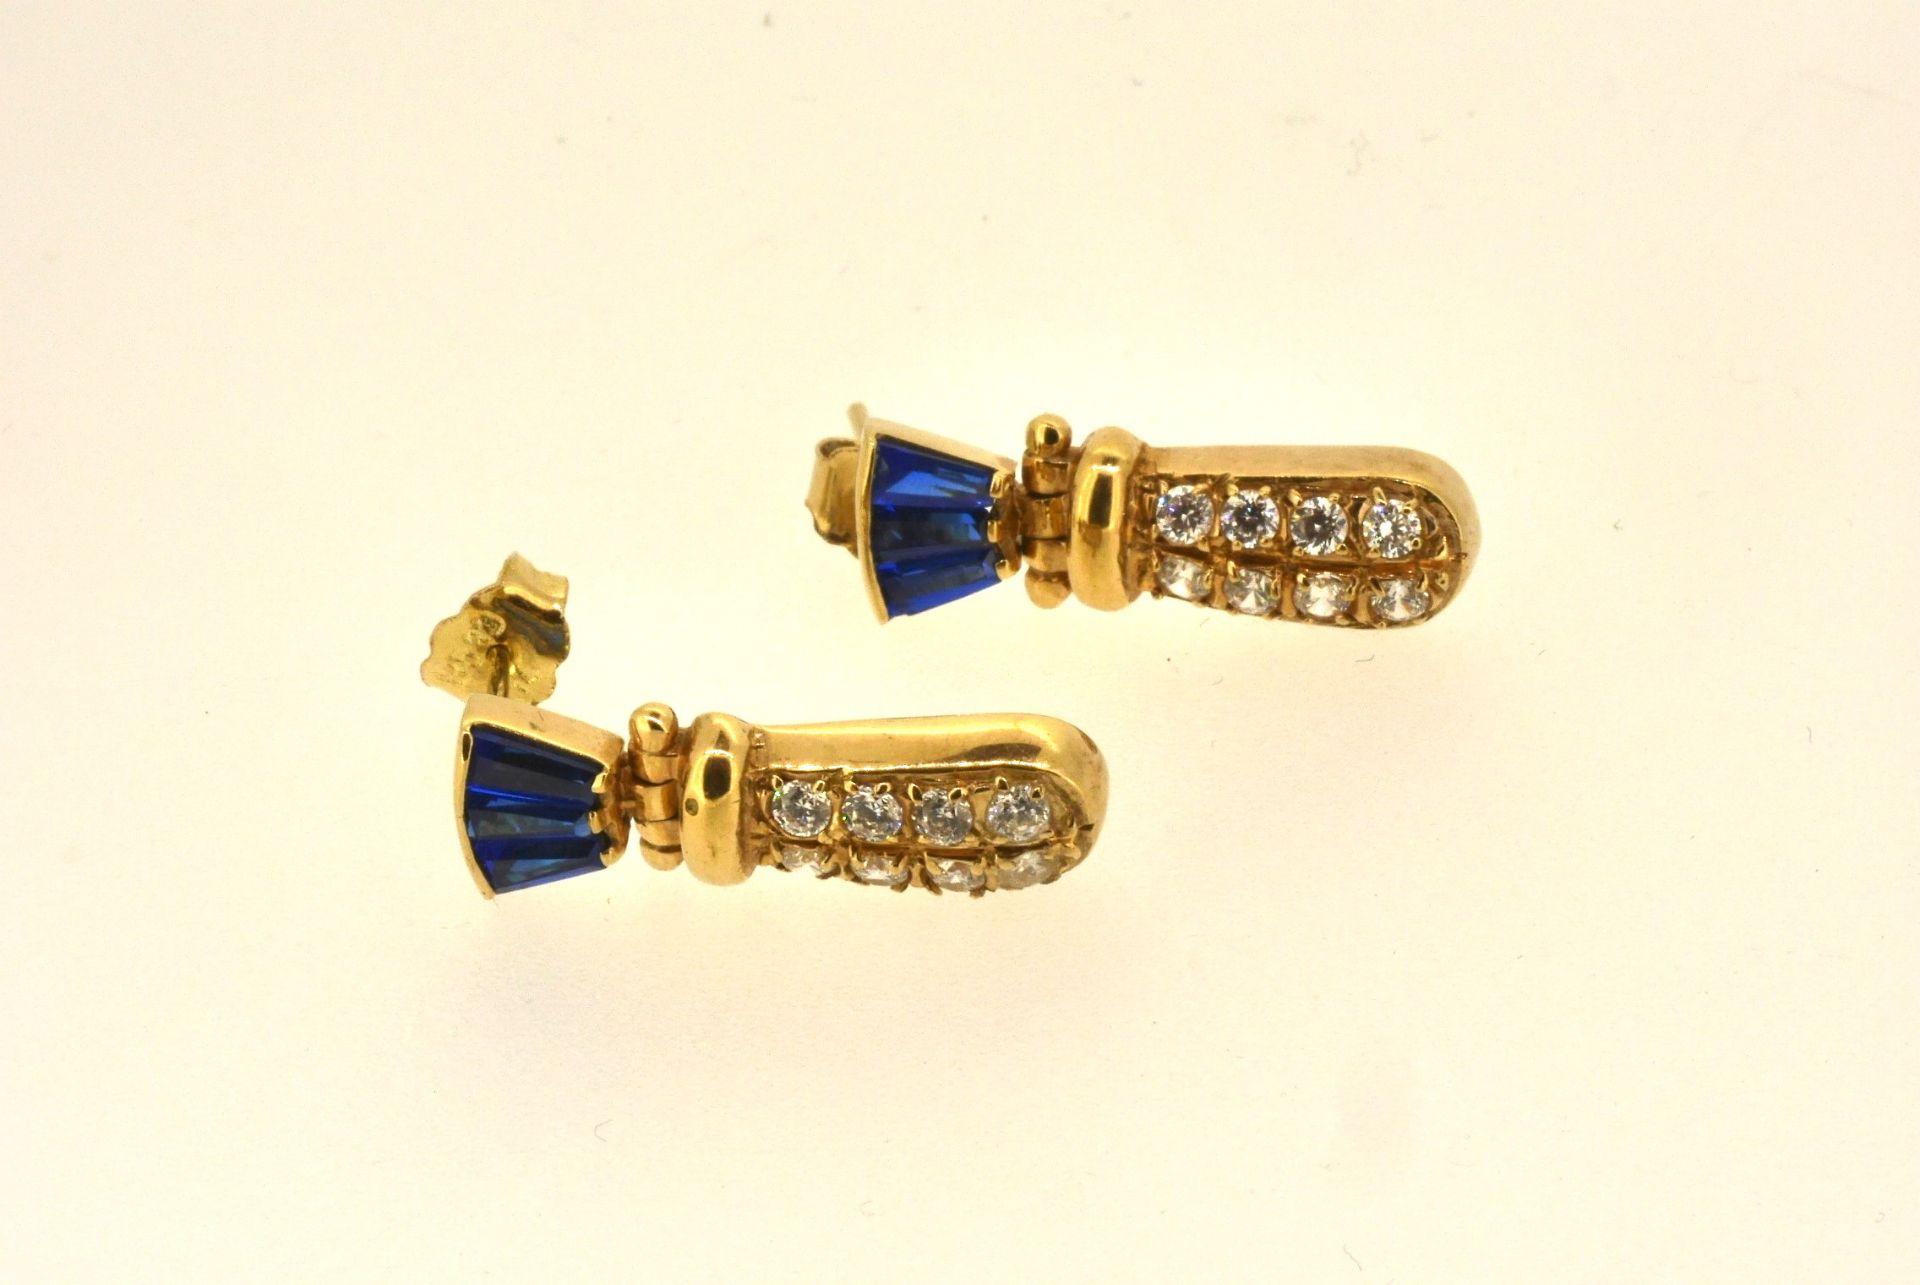 Ohrhänger GG 585, Zirkonia, blaue Steine, 5,95 Gramm